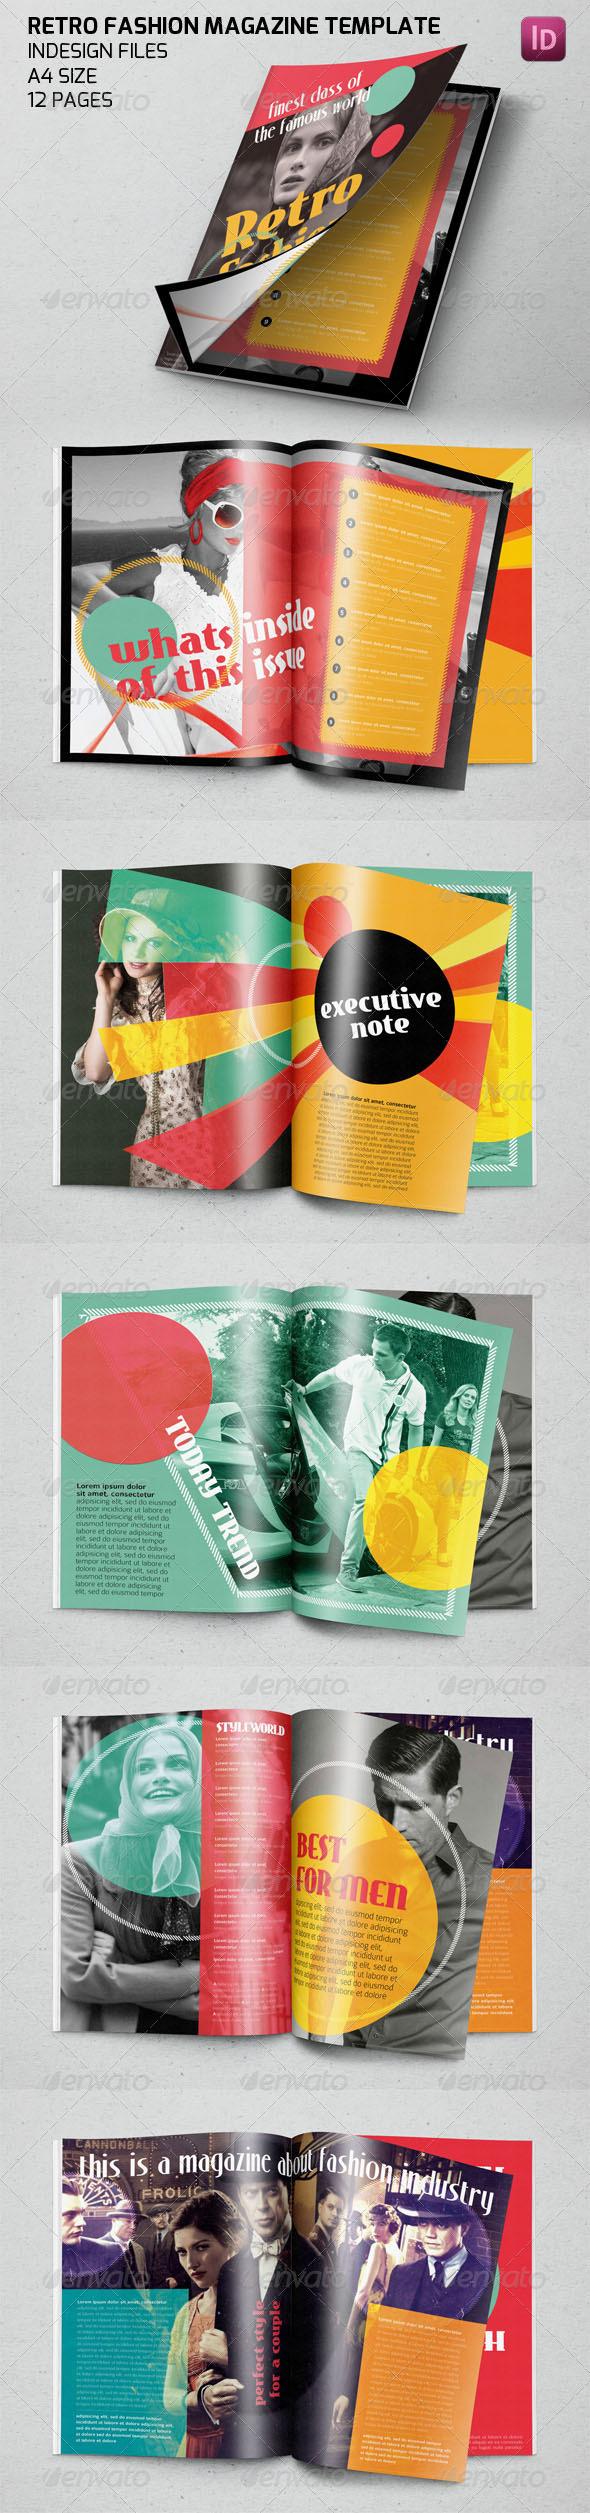 GraphicRiver Retro Fashion Magazine Template 7628983